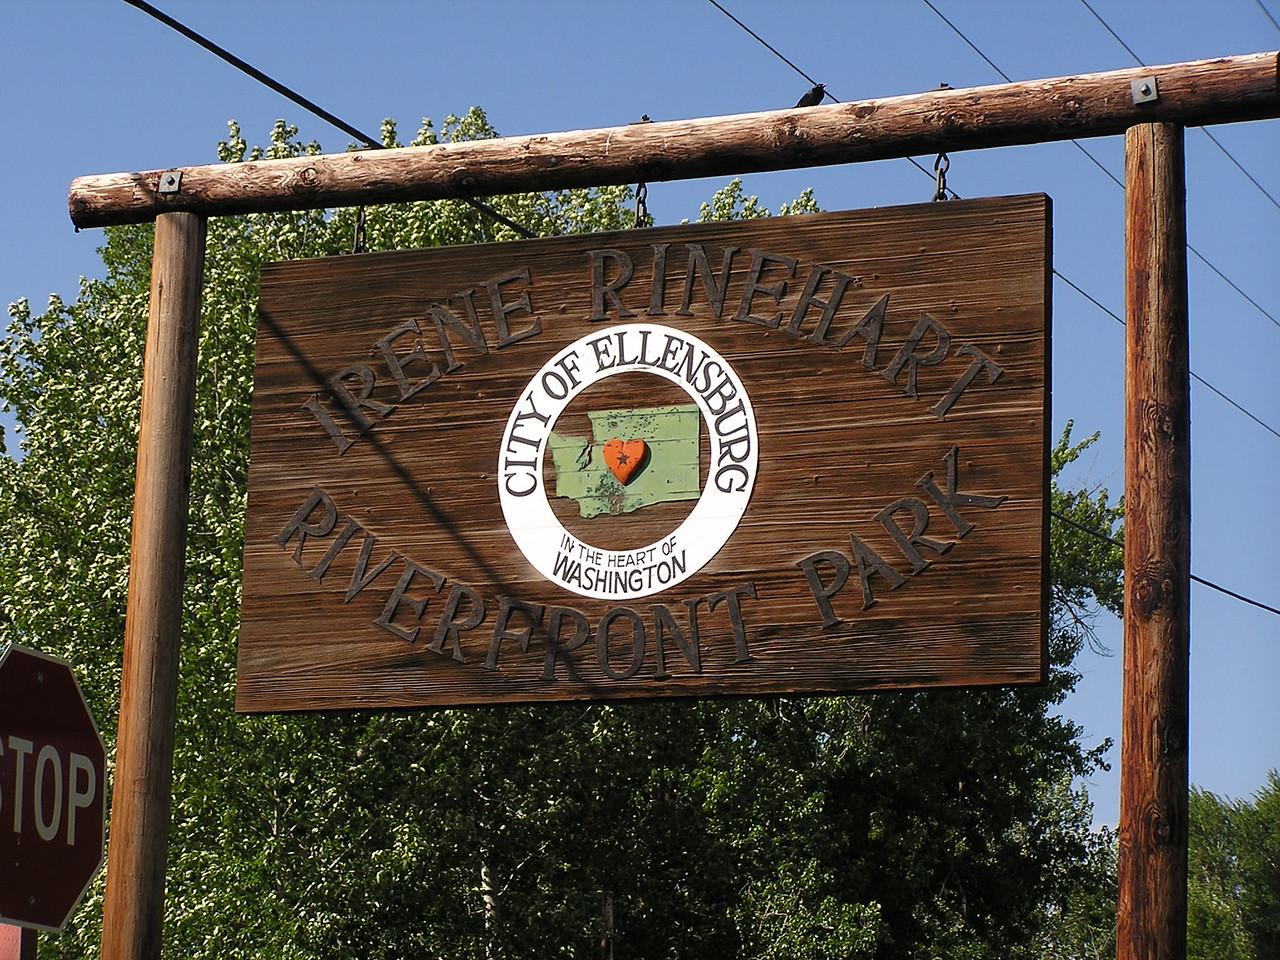 Ellensburg Riverfront Park on the Yakima River.